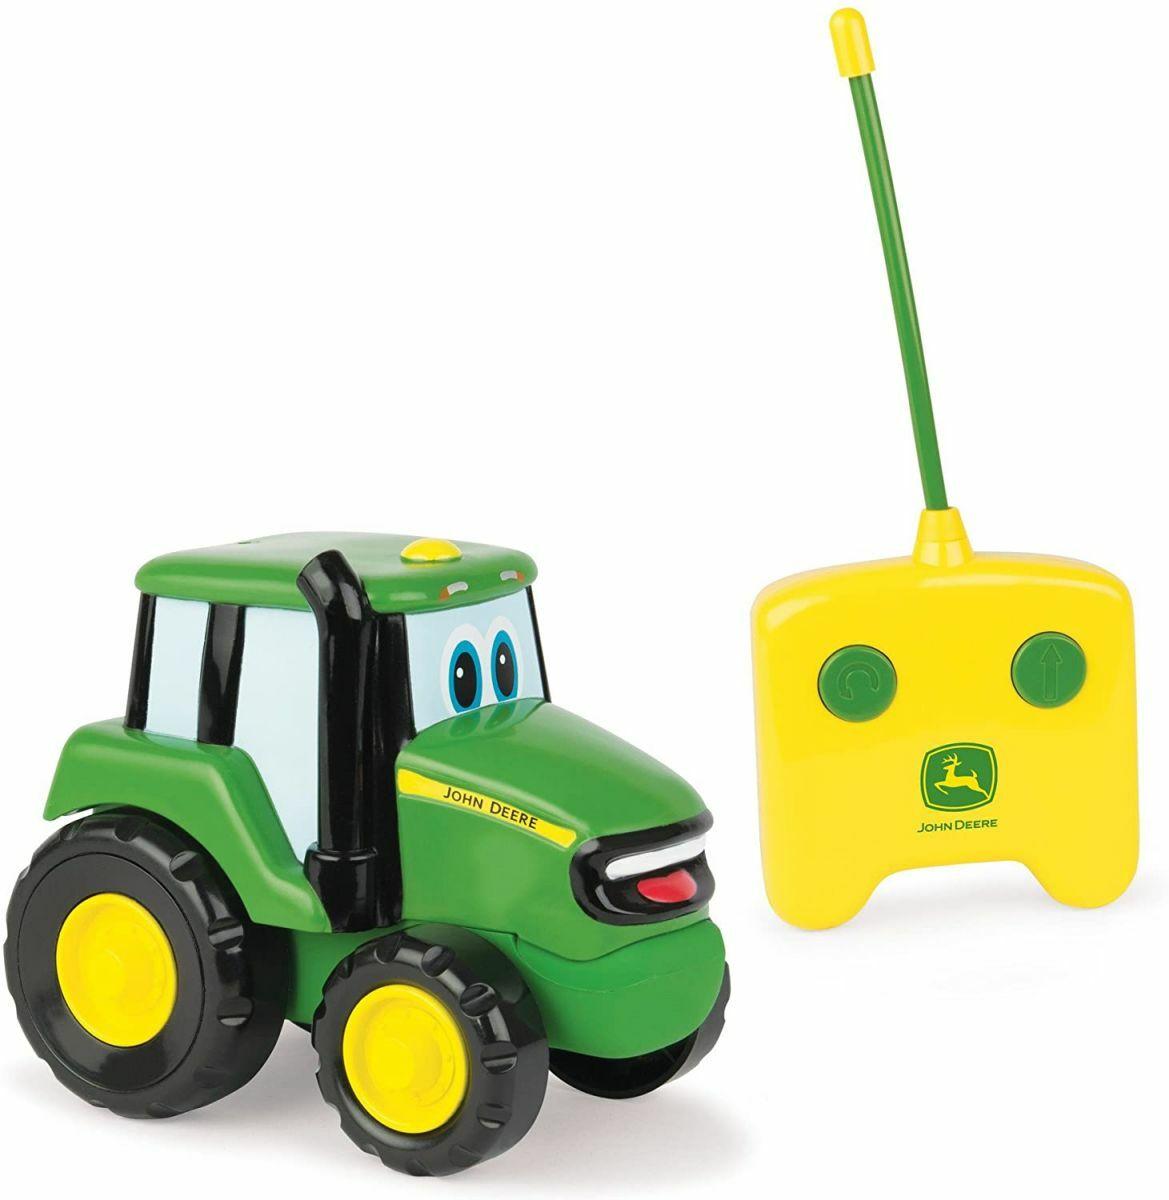 modele rc traktor dla dzieci